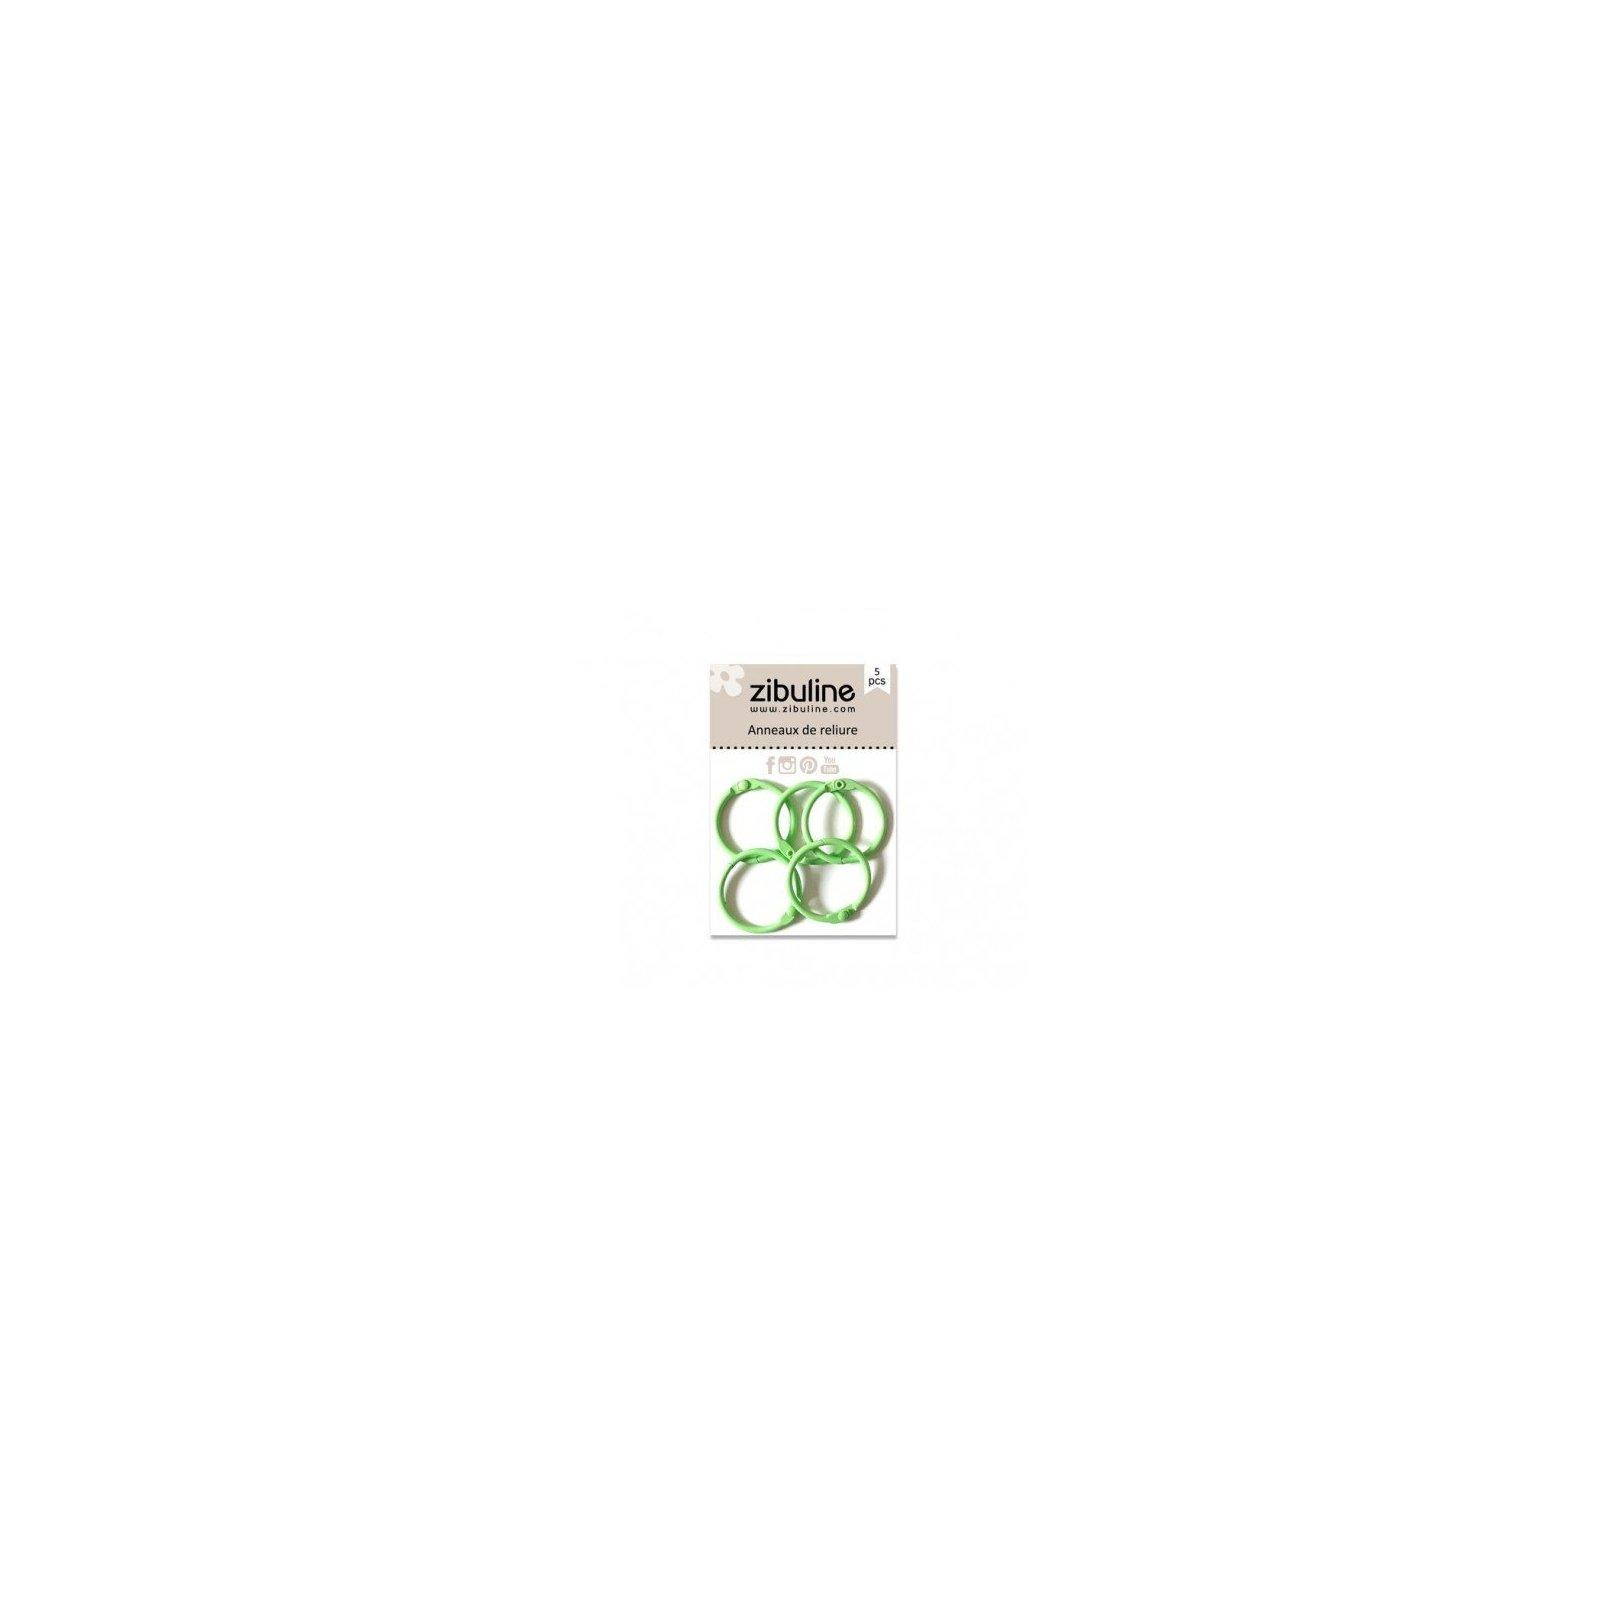 Anneaux de reliure 25 mm - Vert pastel - Zibuline